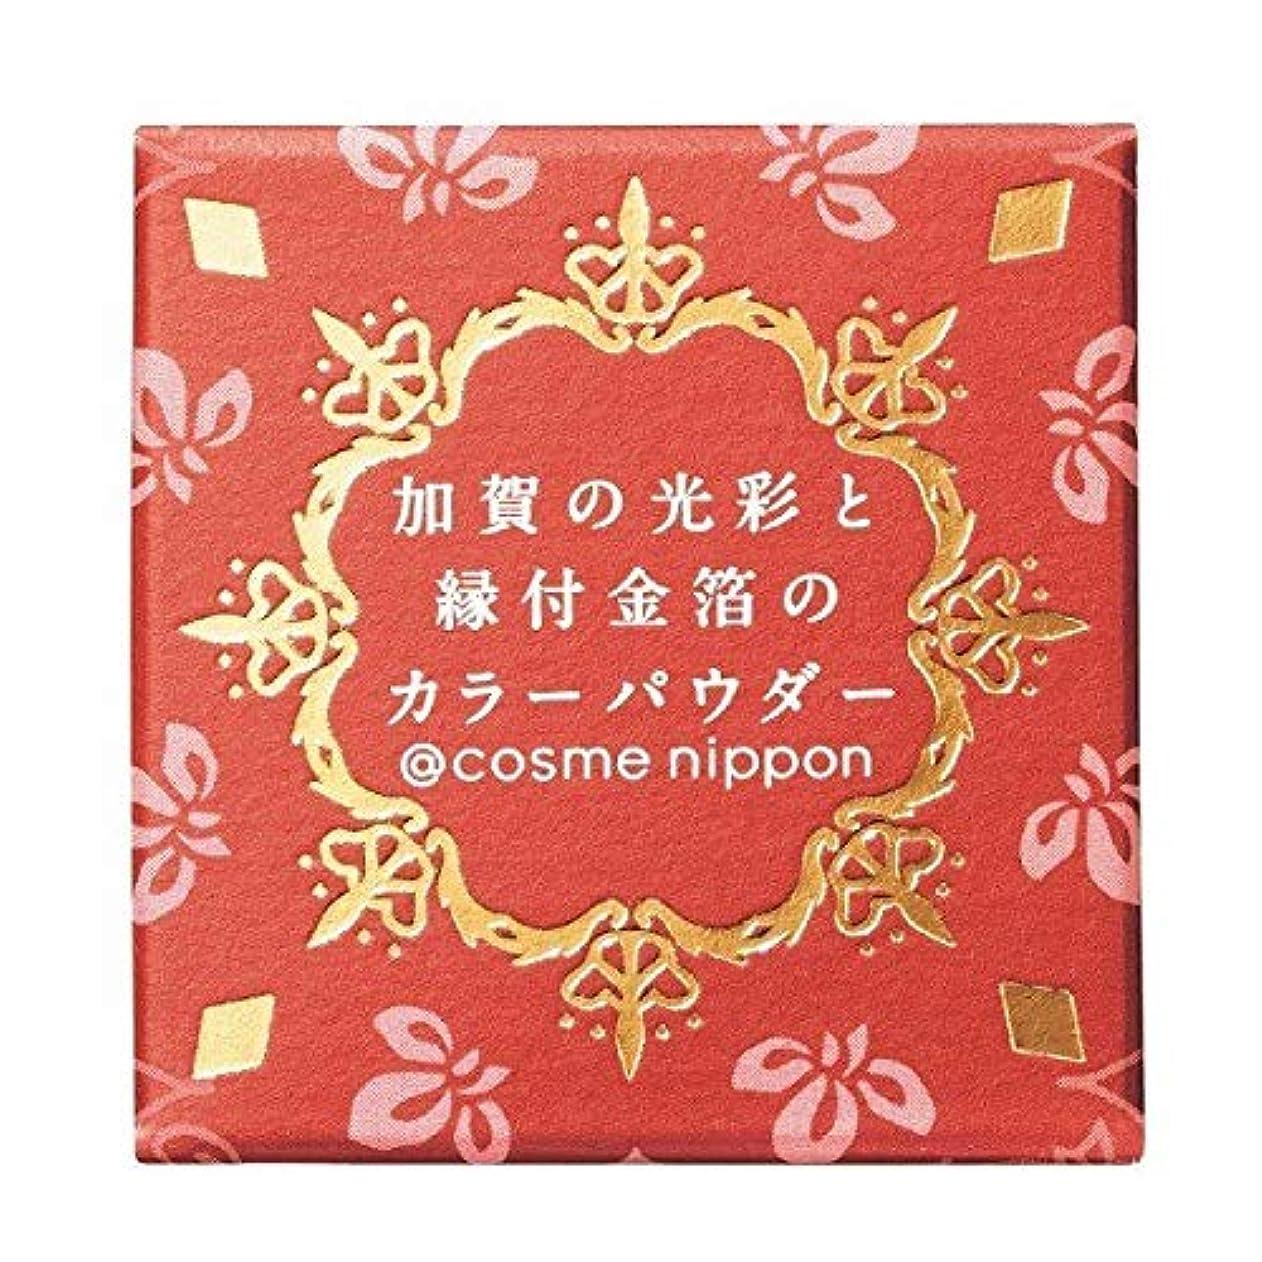 休日に範囲彼らの友禅工芸 すずらん加賀の光彩と縁付け金箔のカラーパウダー08茜あかね